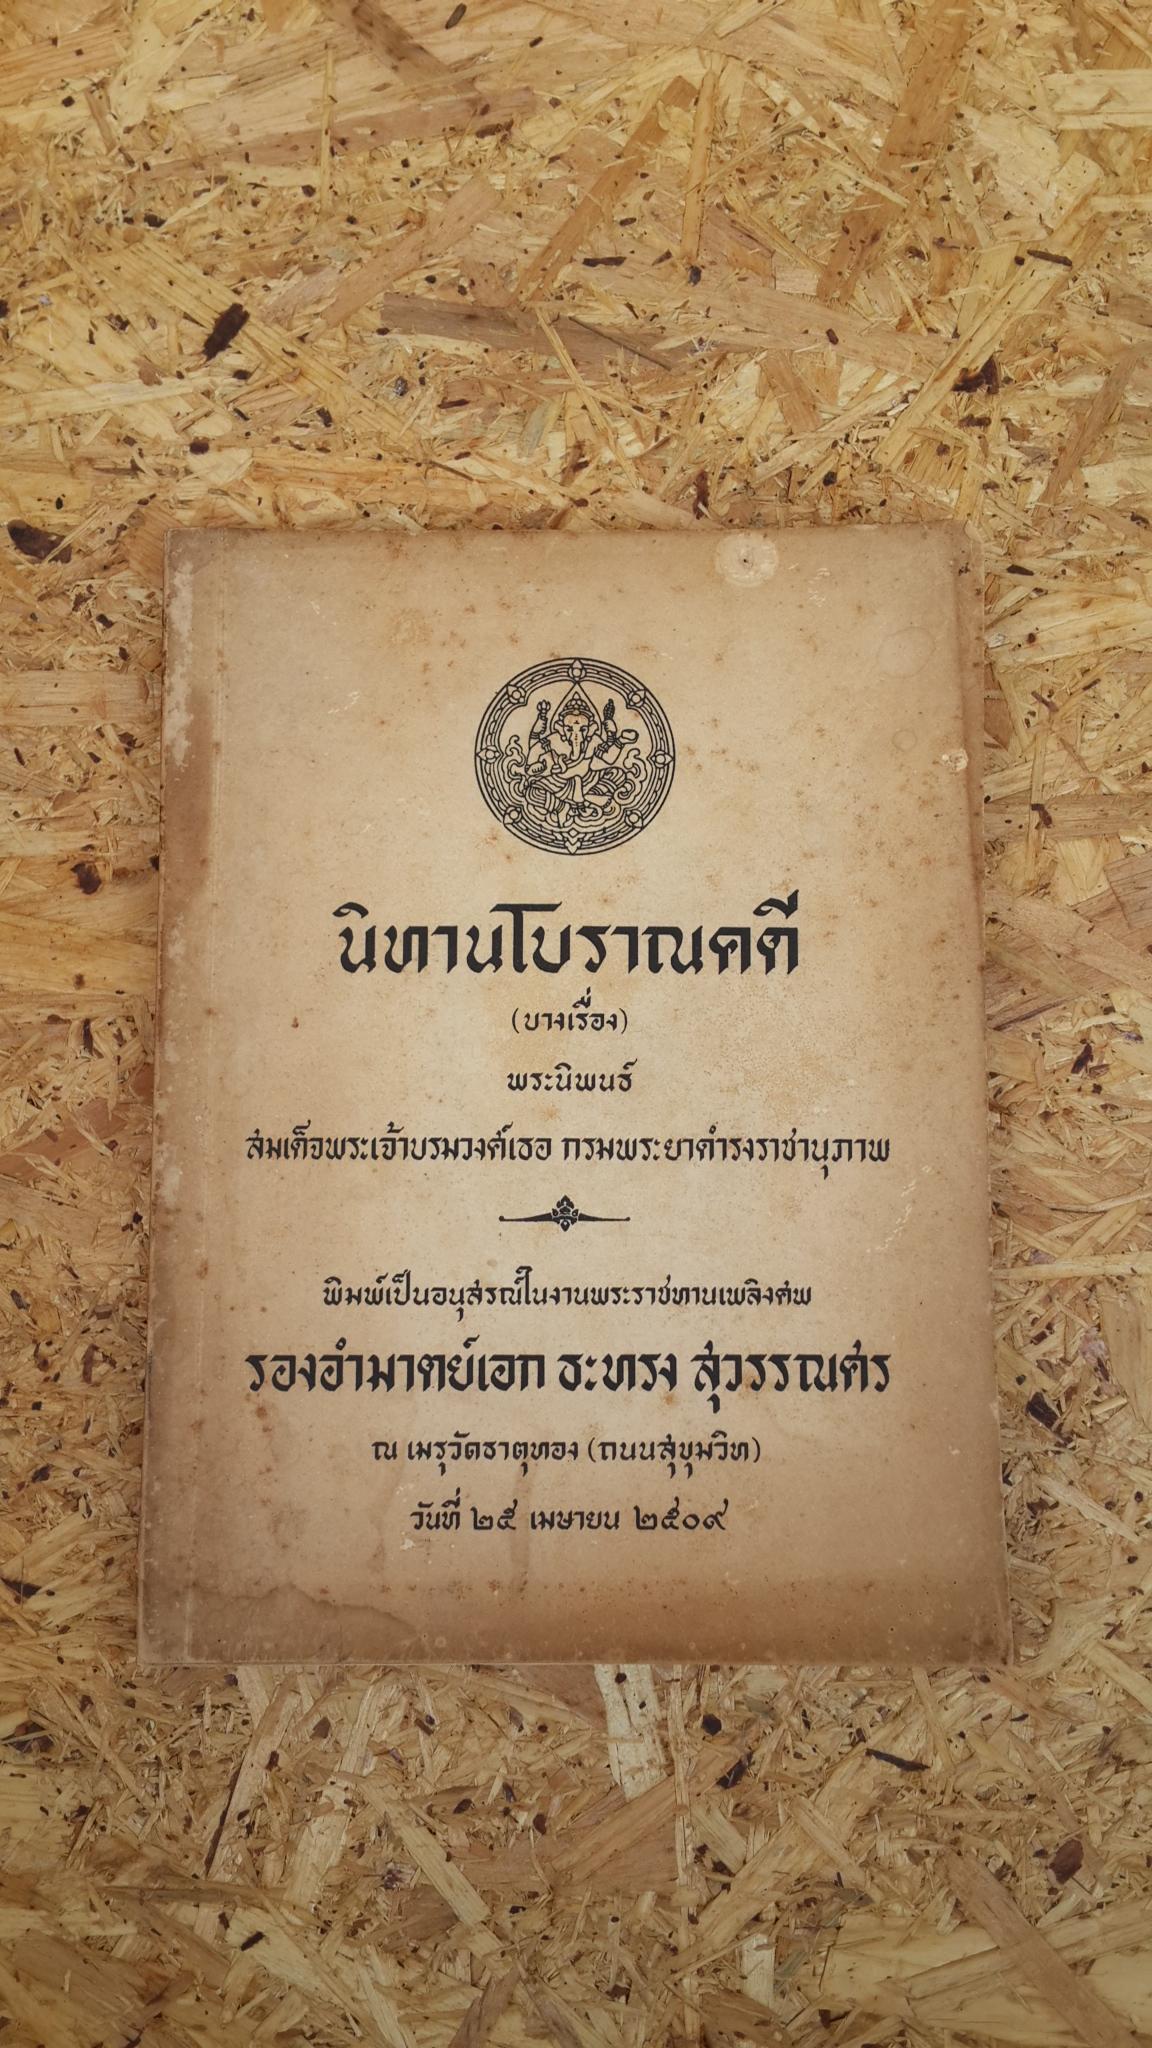 นิทานโบราณคดี (บางเรื่อง) : อนุสรณ์ในงานพระราชทานเพลิงศพ รองอำมาตย์เอก ธะทรง สุวรรณศร